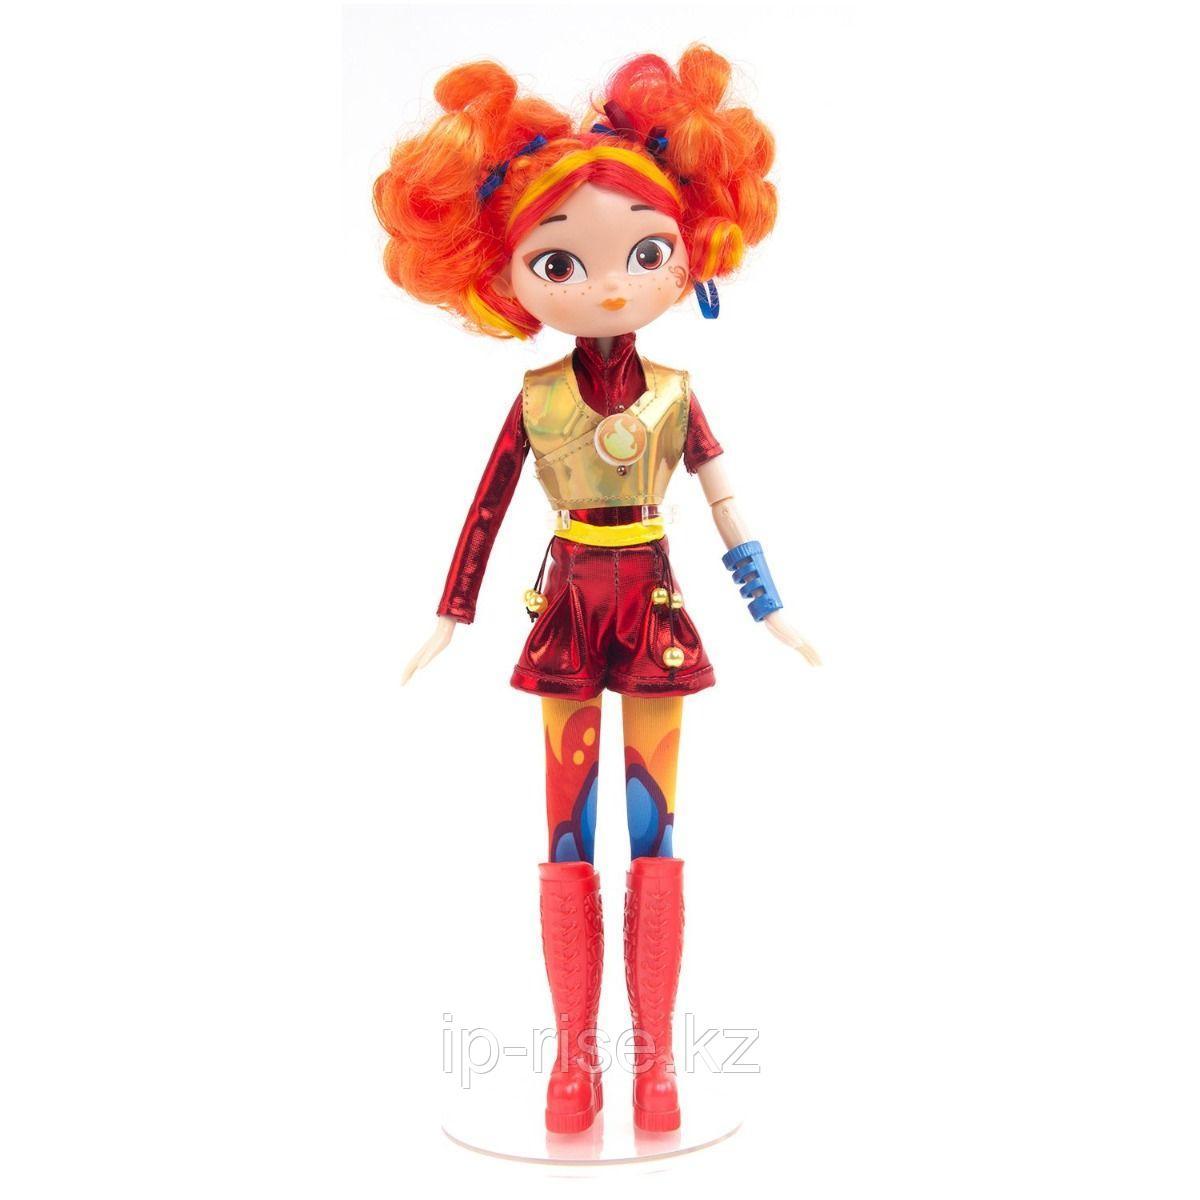 Сказочный патруль: Кукла Аленка, серия Magic New - фото 1